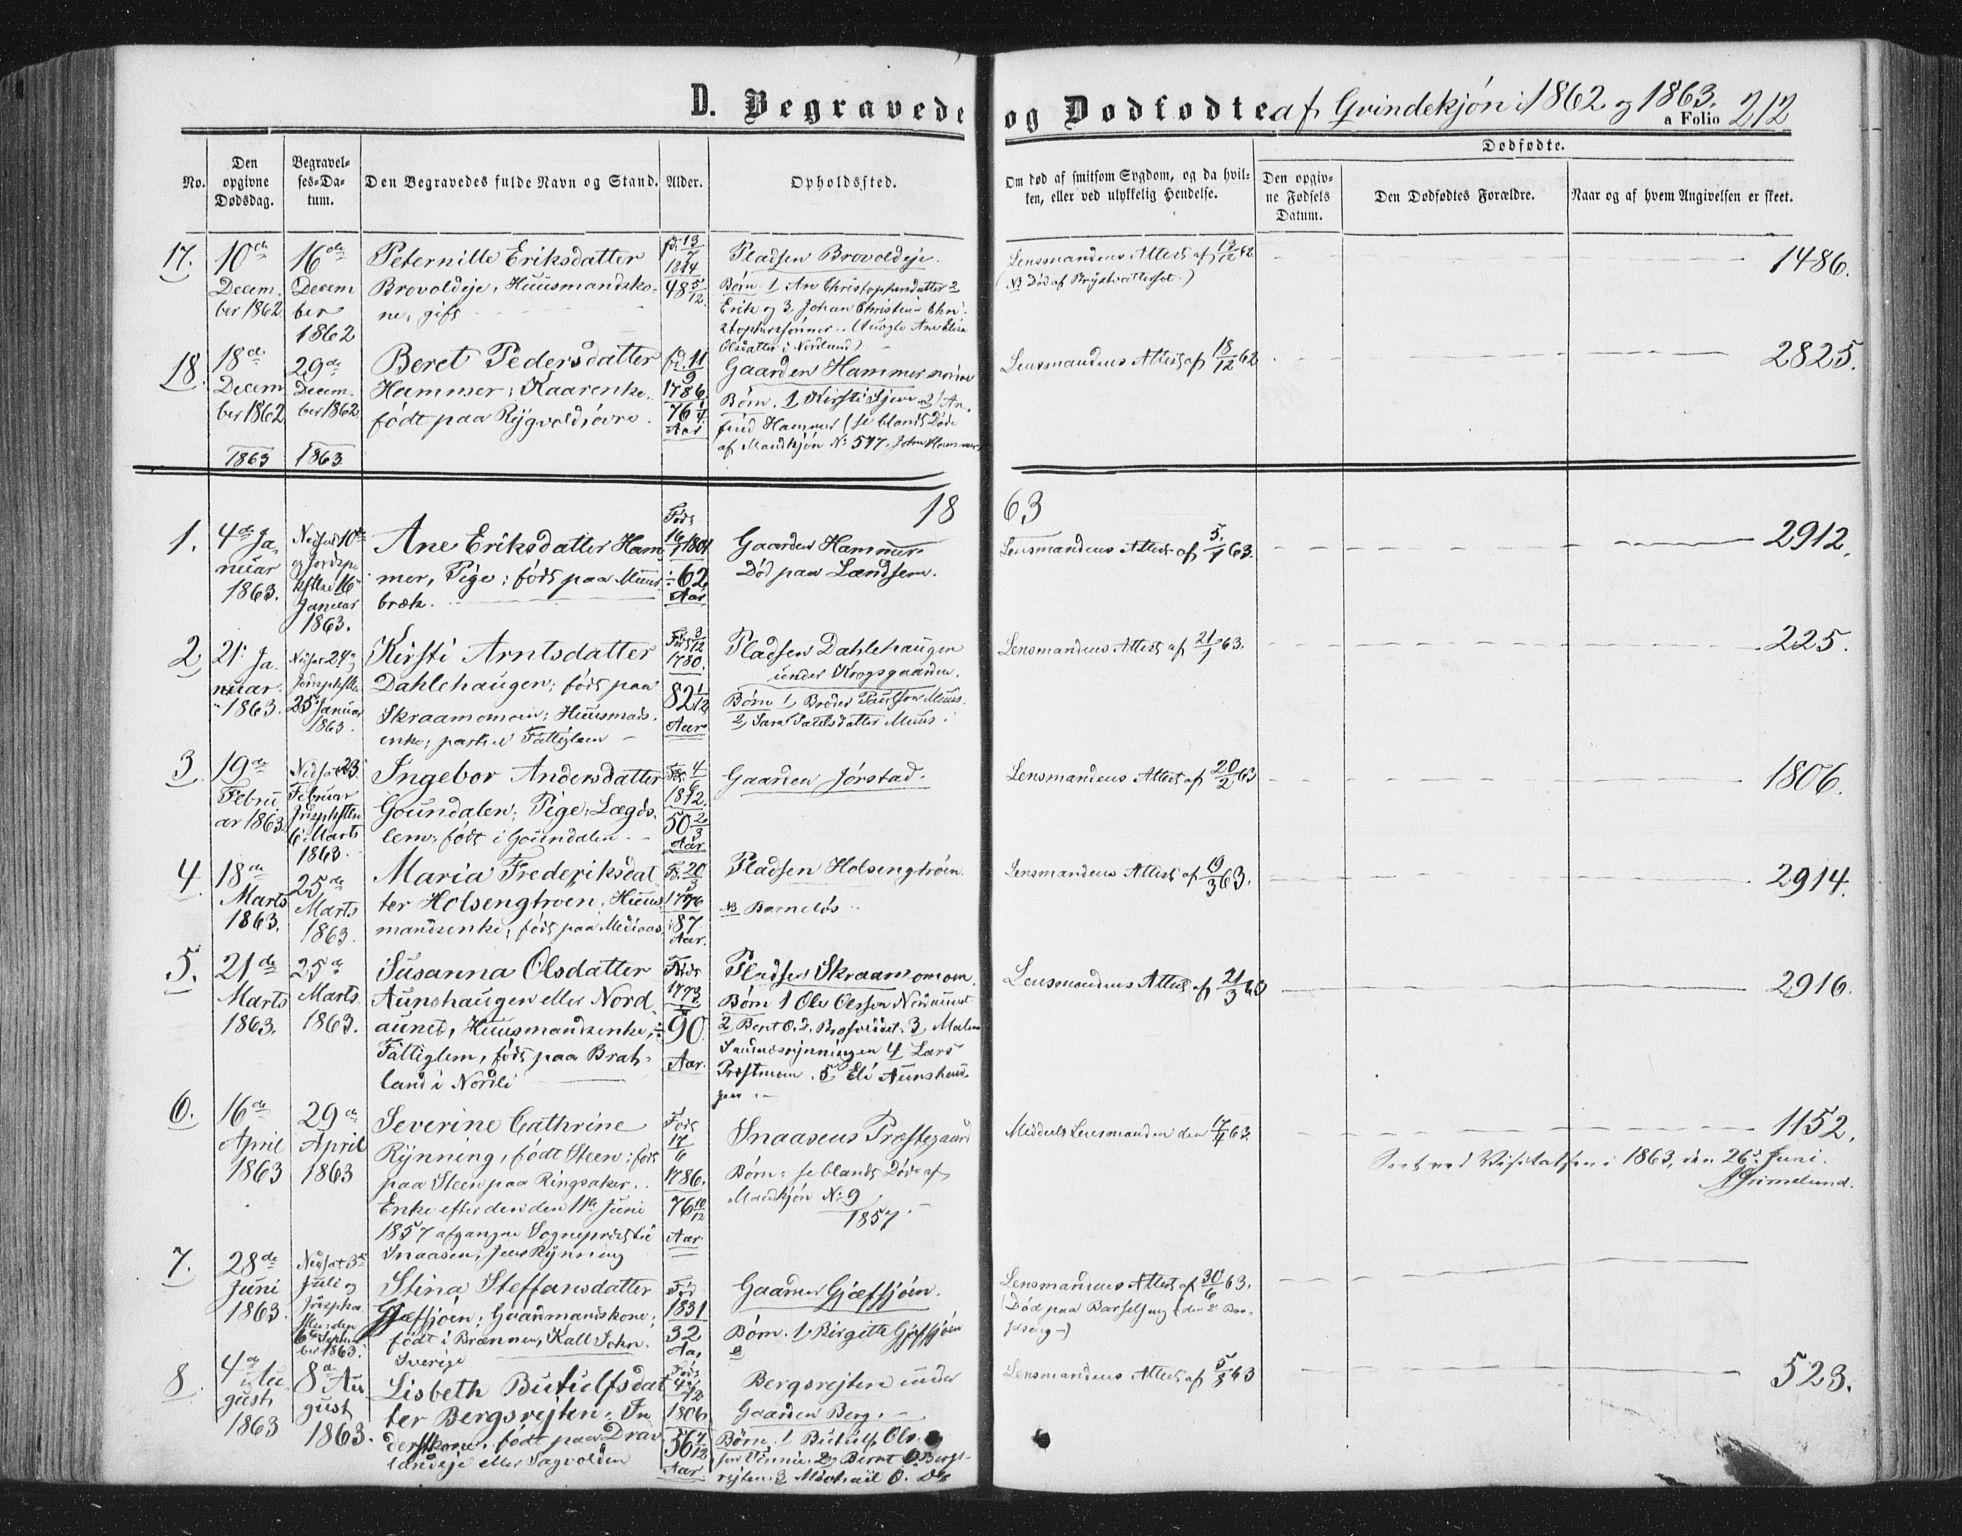 SAT, Ministerialprotokoller, klokkerbøker og fødselsregistre - Nord-Trøndelag, 749/L0472: Ministerialbok nr. 749A06, 1857-1873, s. 212